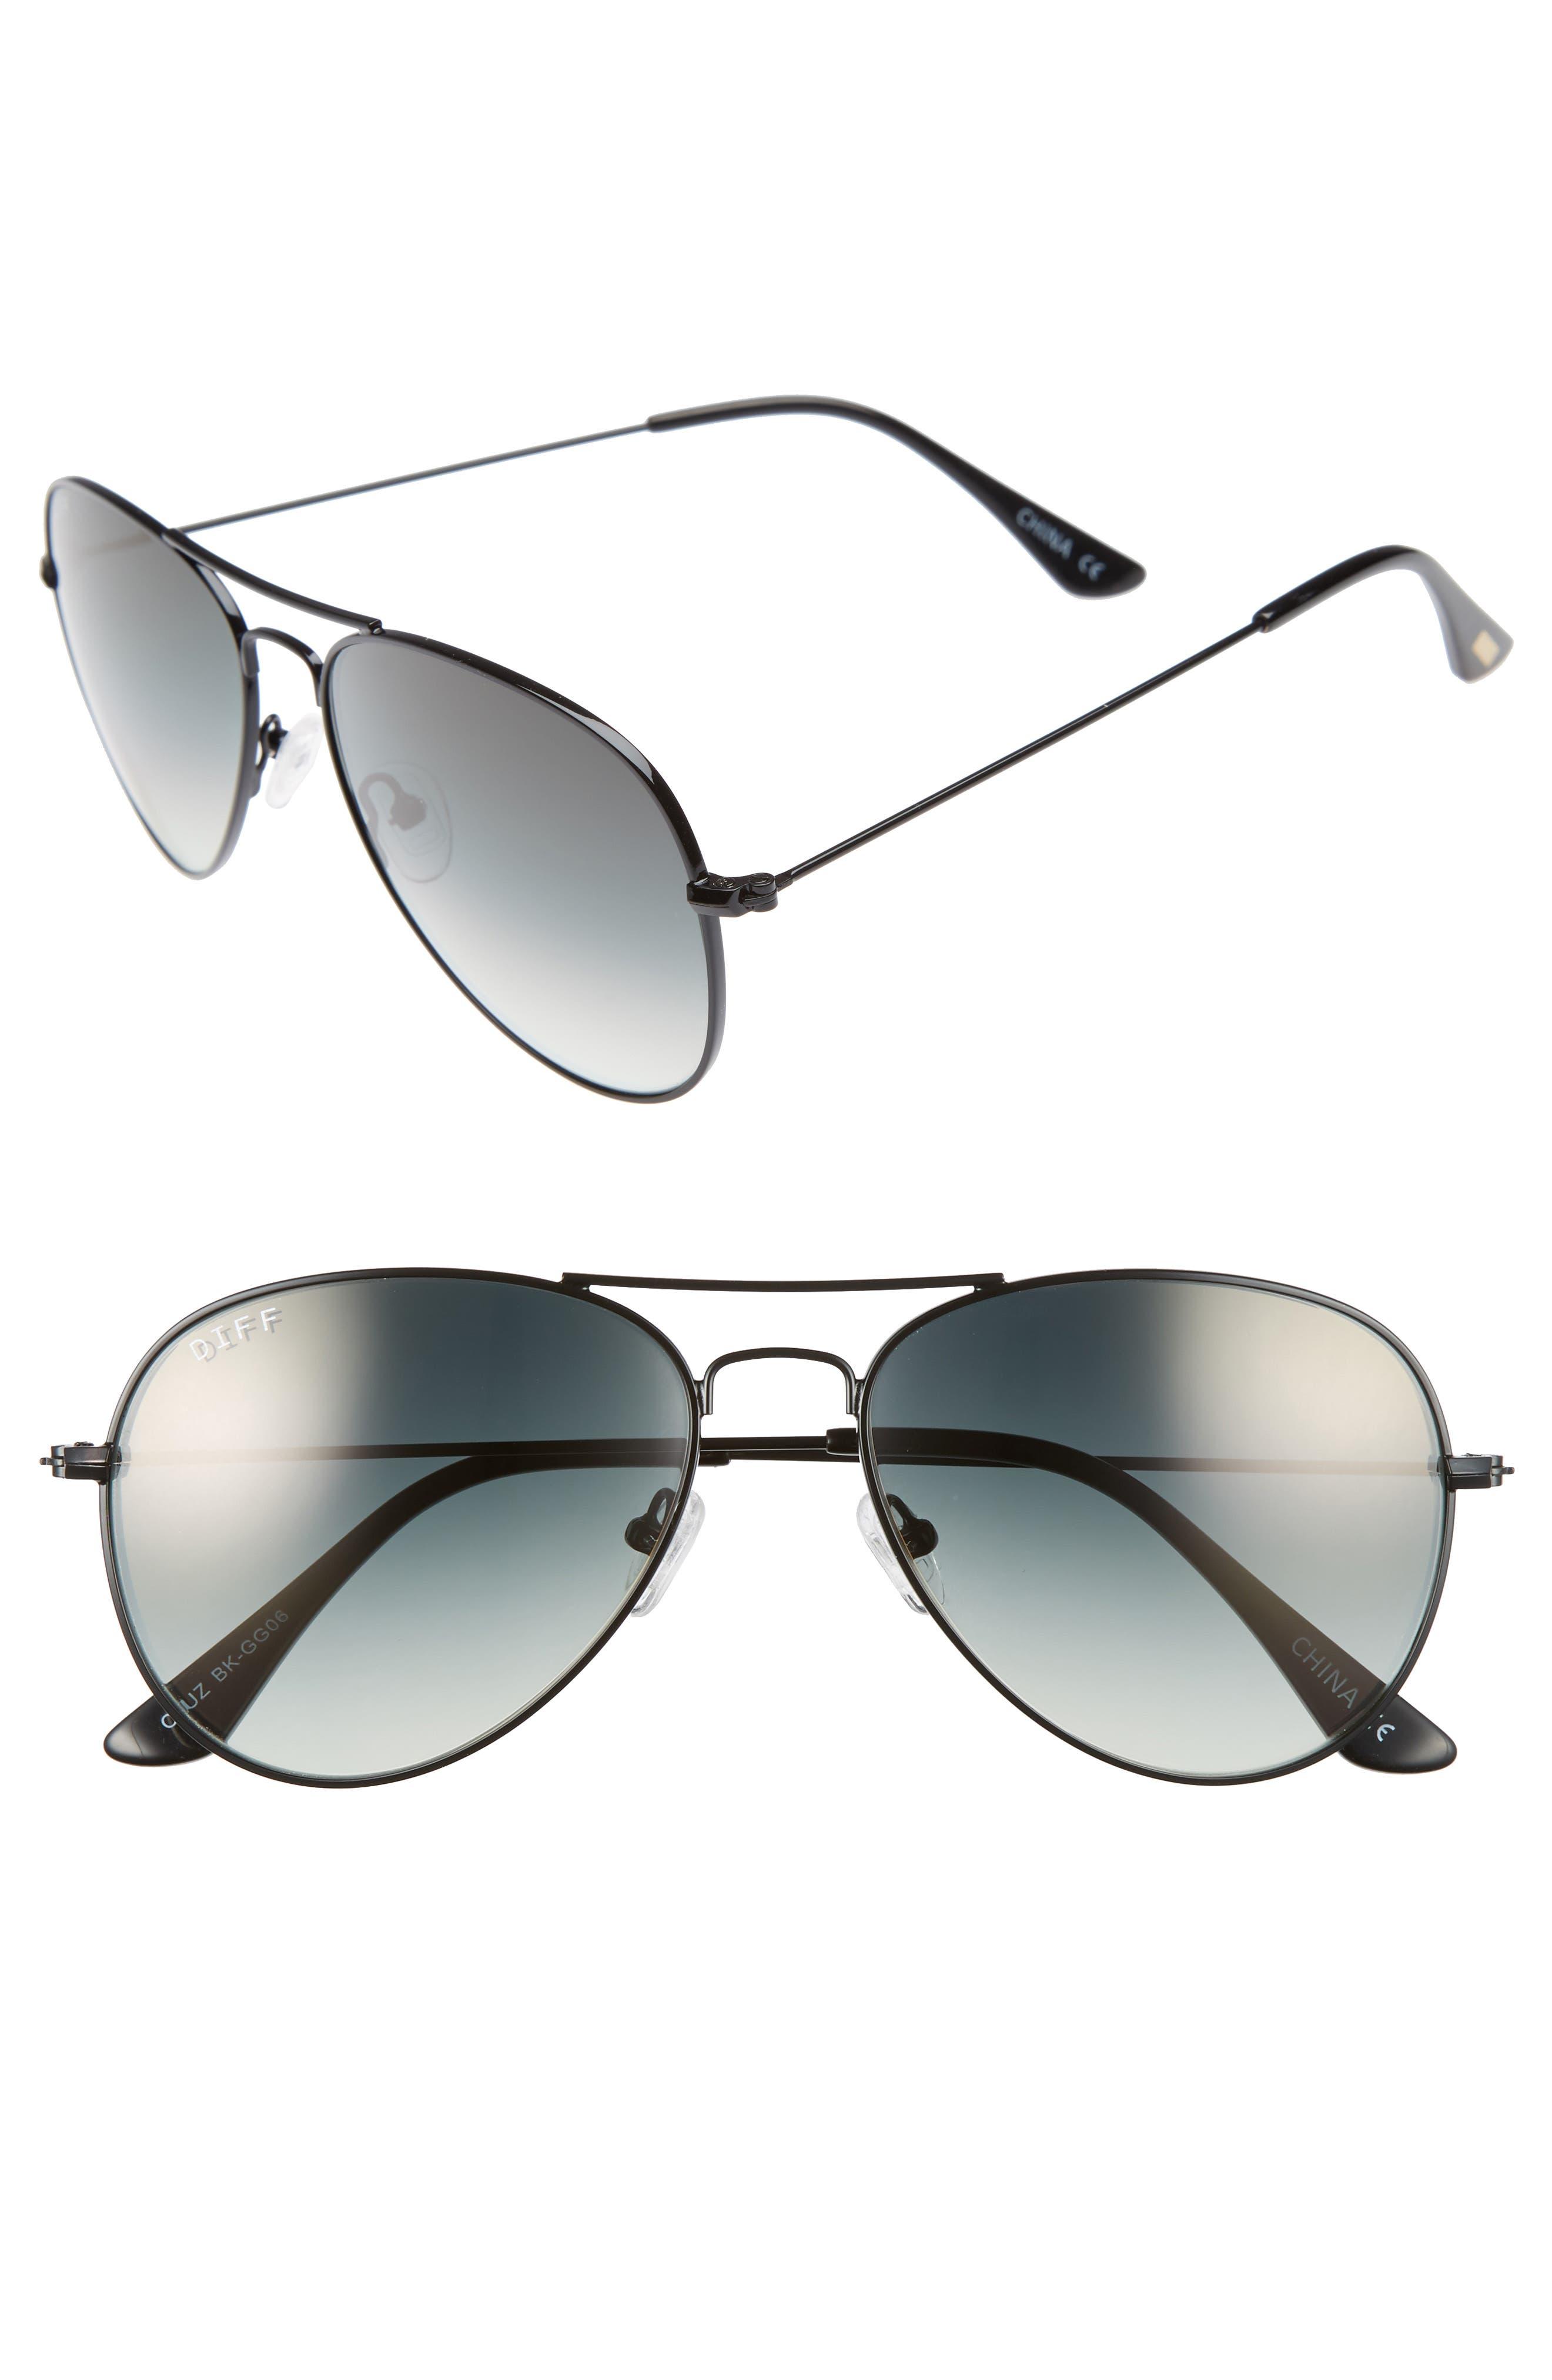 Cruz 57mm Metal Aviator Sunglasses,                             Alternate thumbnail 2, color,                             BLACK/ GREY